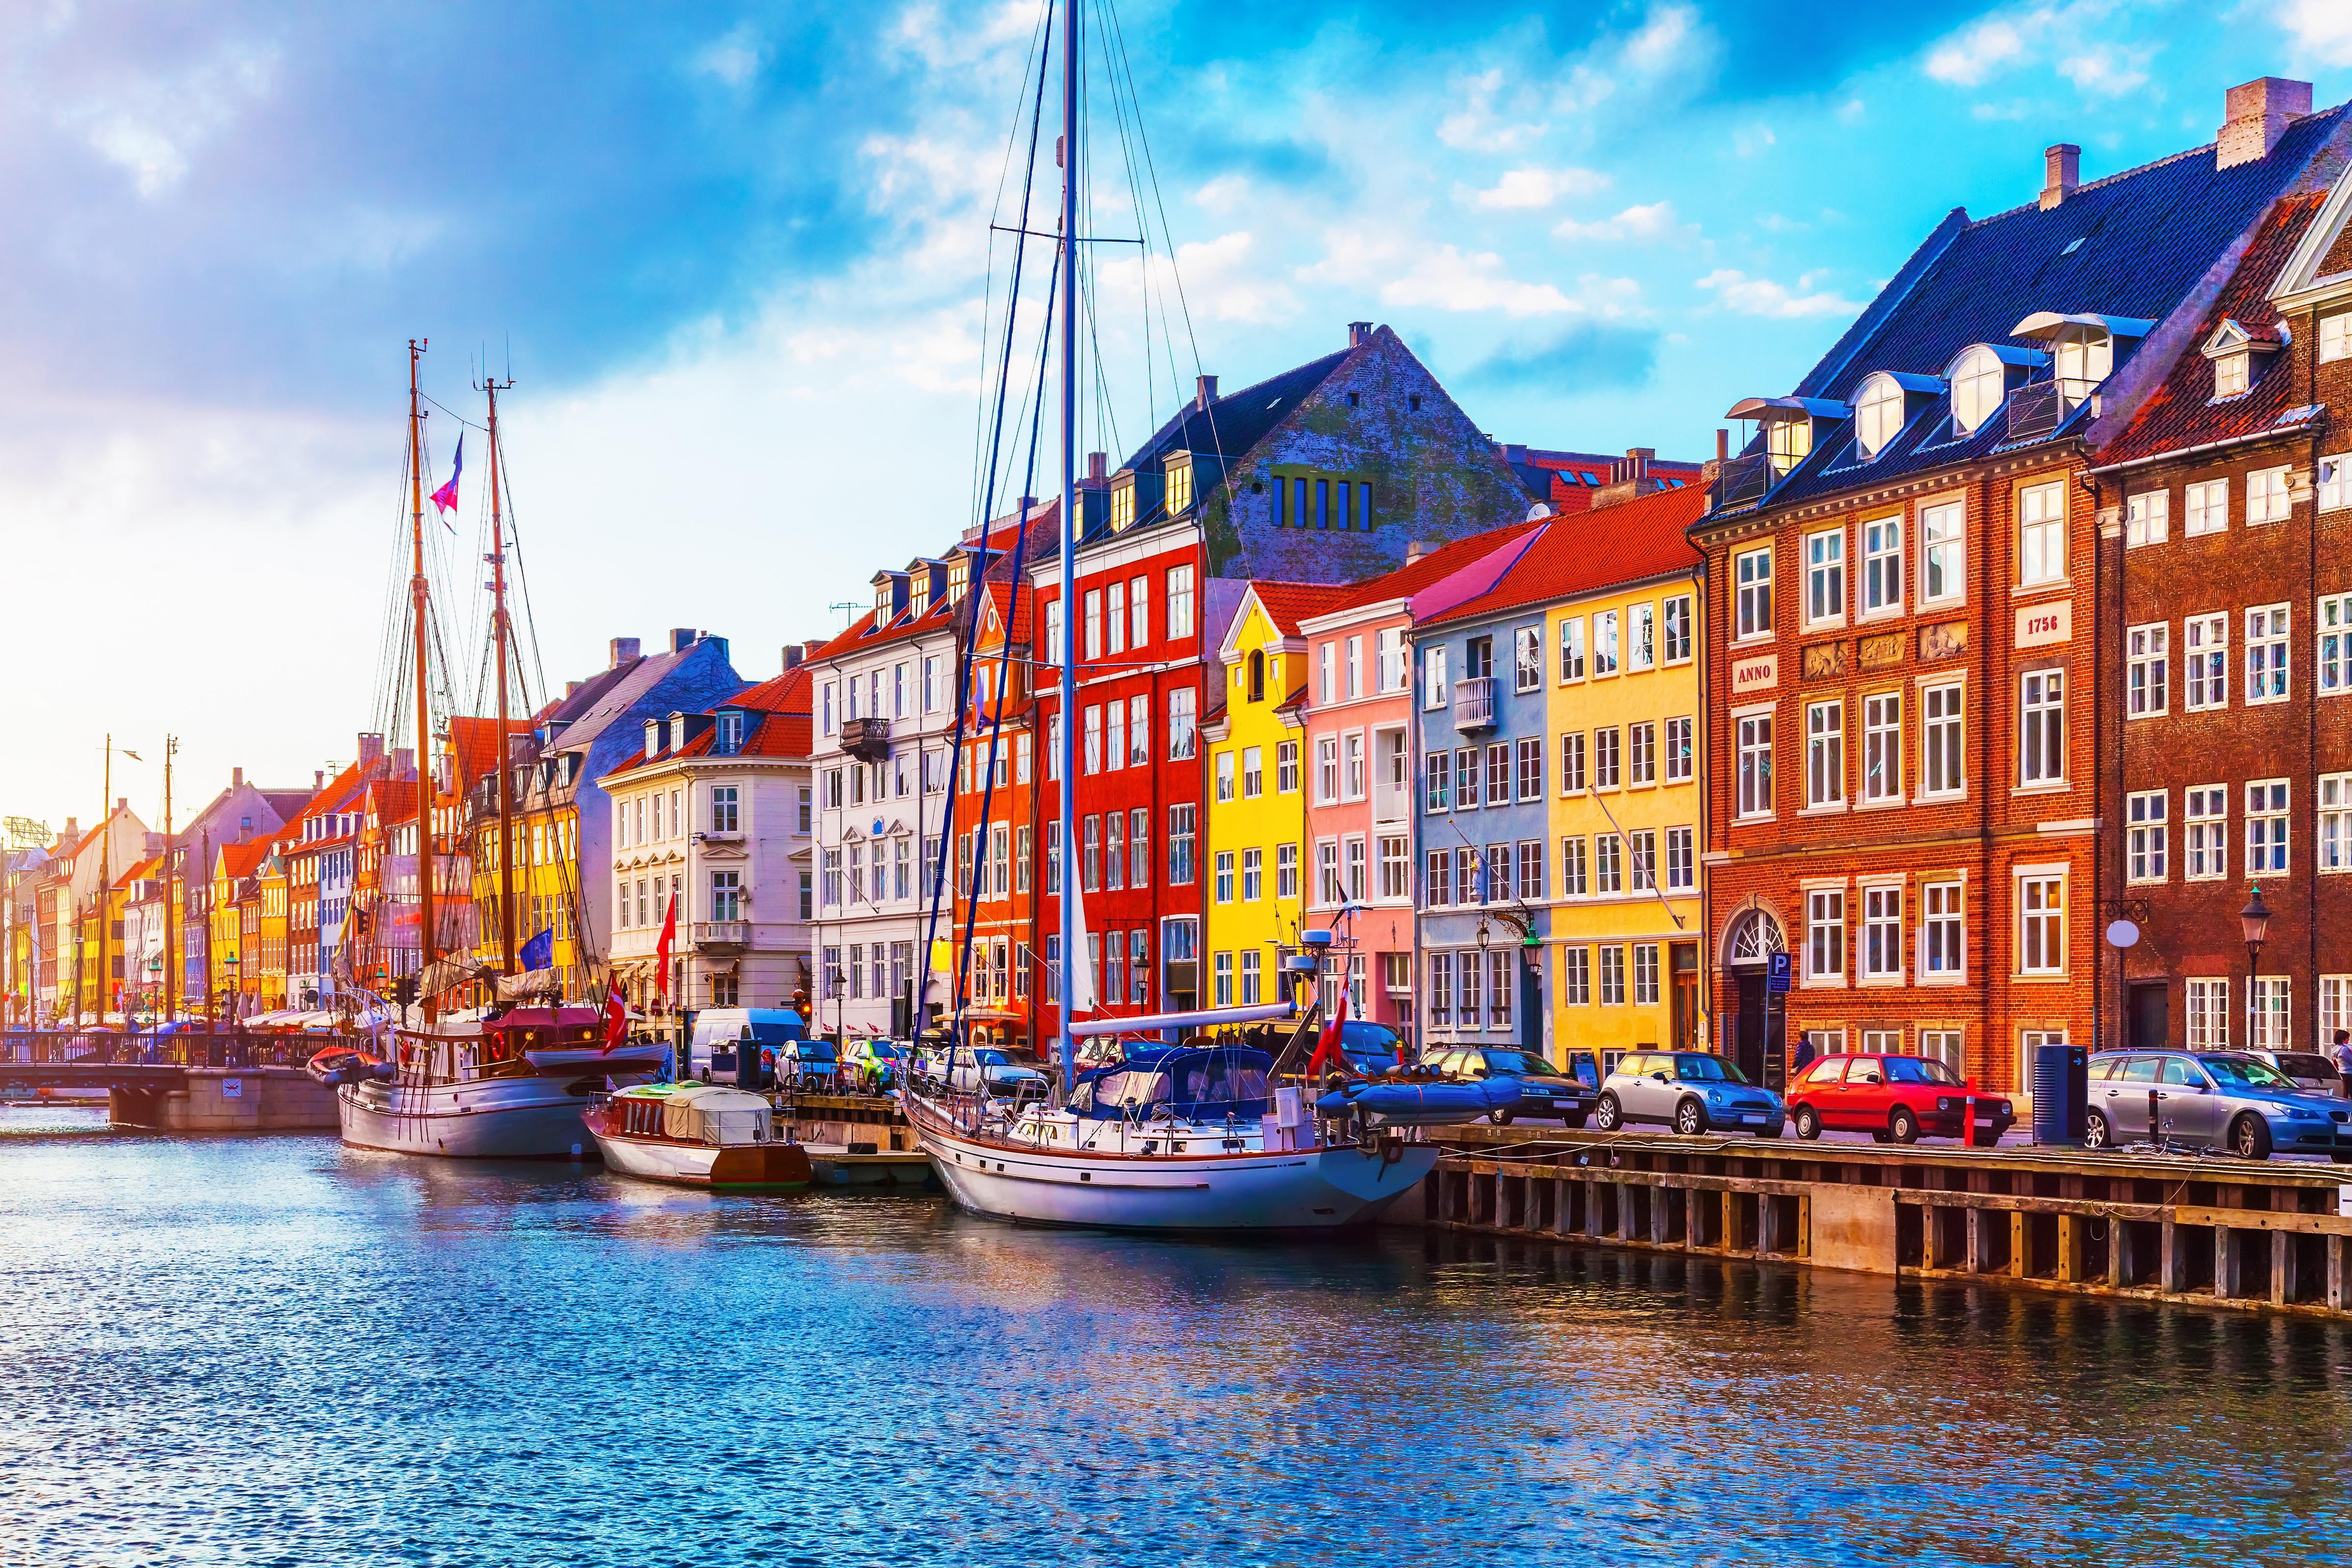 Вид на набережную в Копенгагене, столице Дании, куда можно переехать из стран СНГ